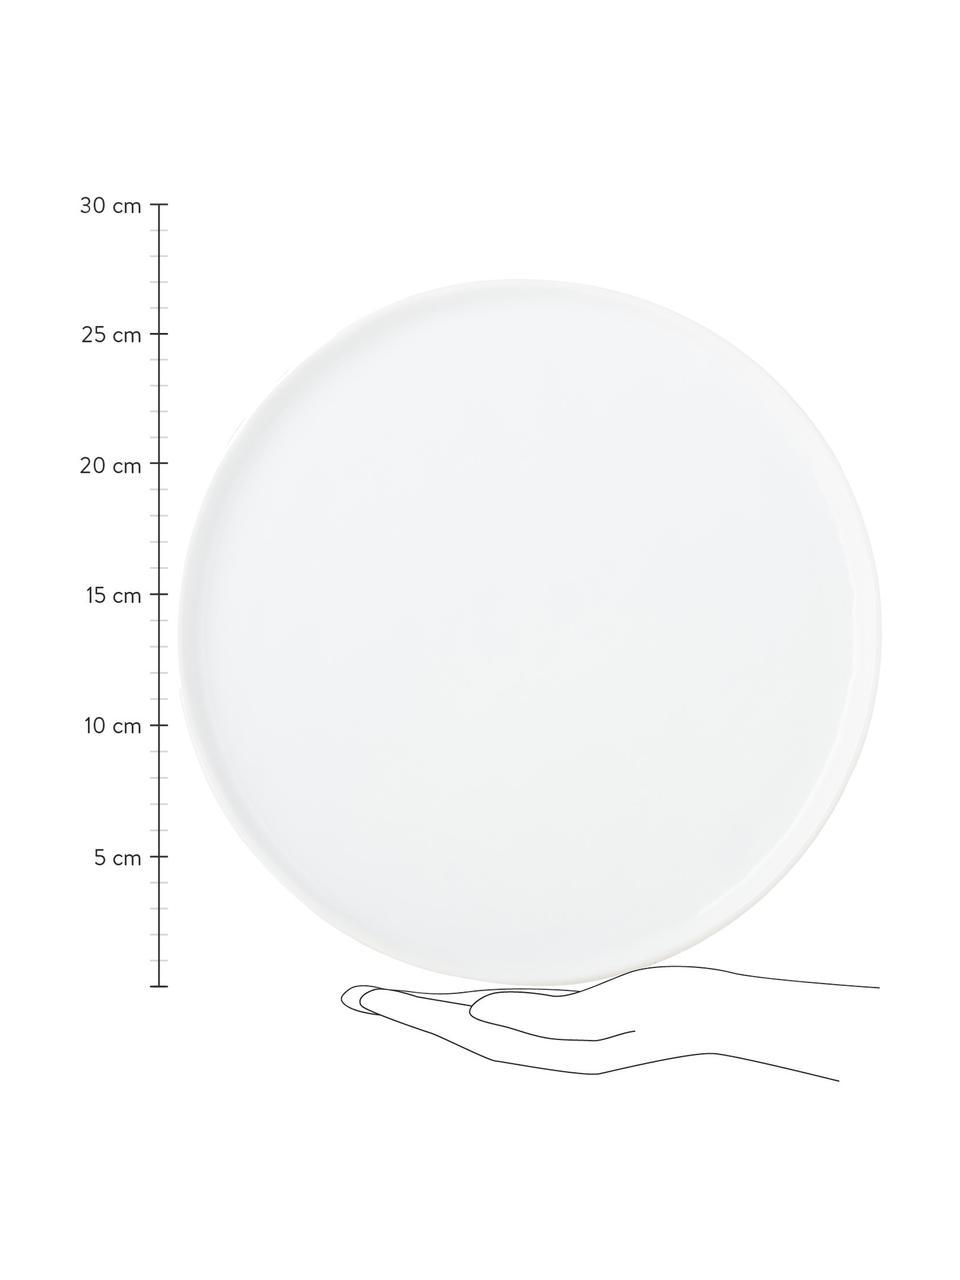 Speiseteller Porcelino mit unebener Oberfläche, 4 Stück, Porzellan, gewollt ungleichmäßig, Weiß, Ø 27 cm